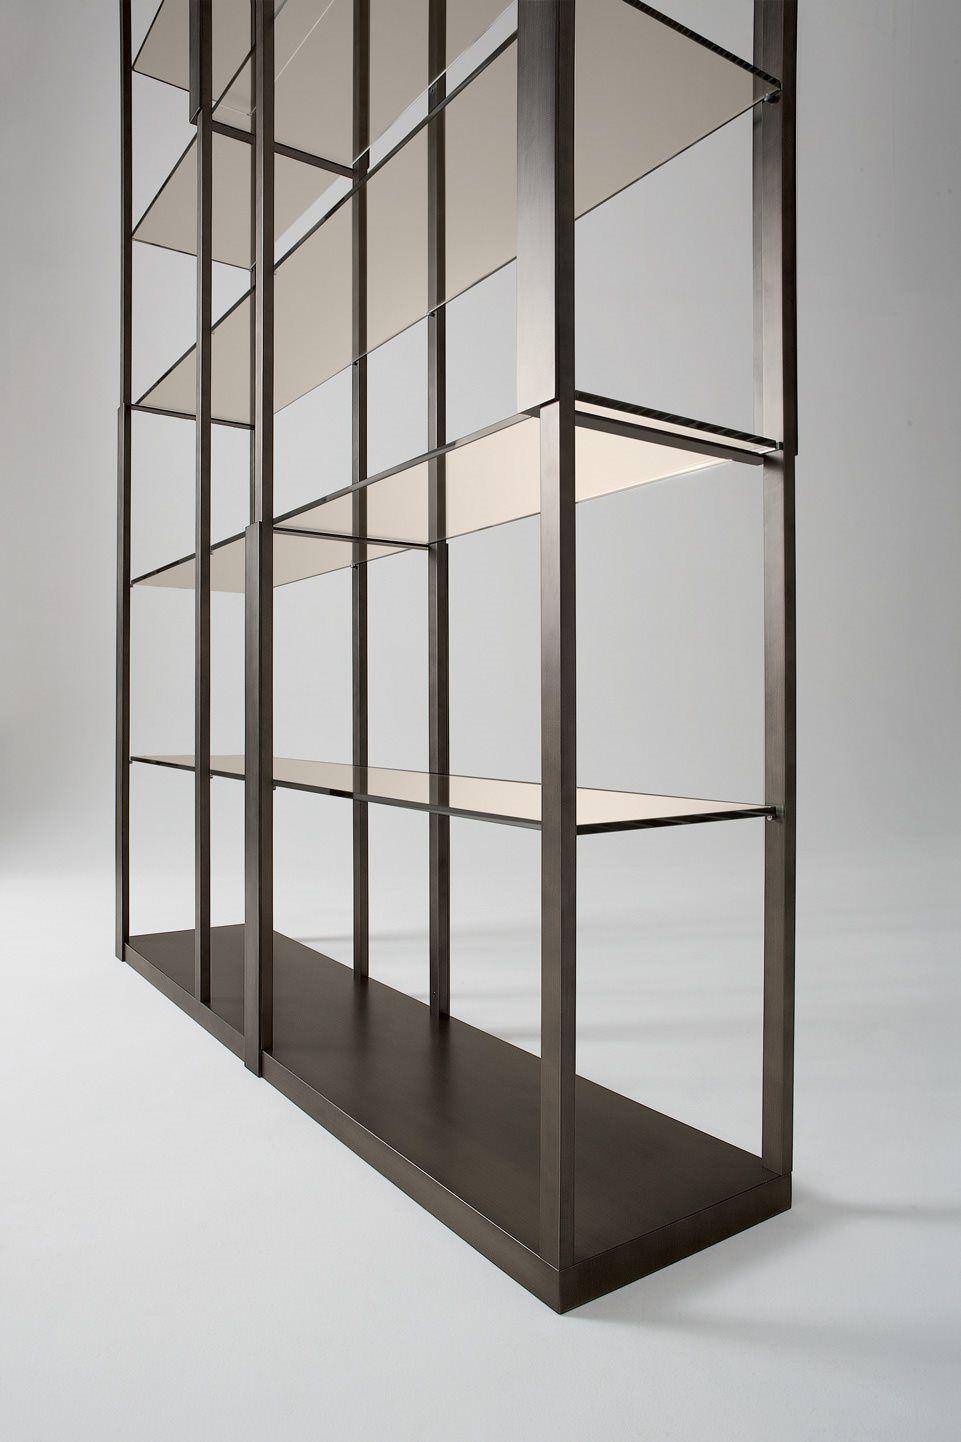 Contemporary shelf / wooden / metal / glass - TORTONA by Massimo ...